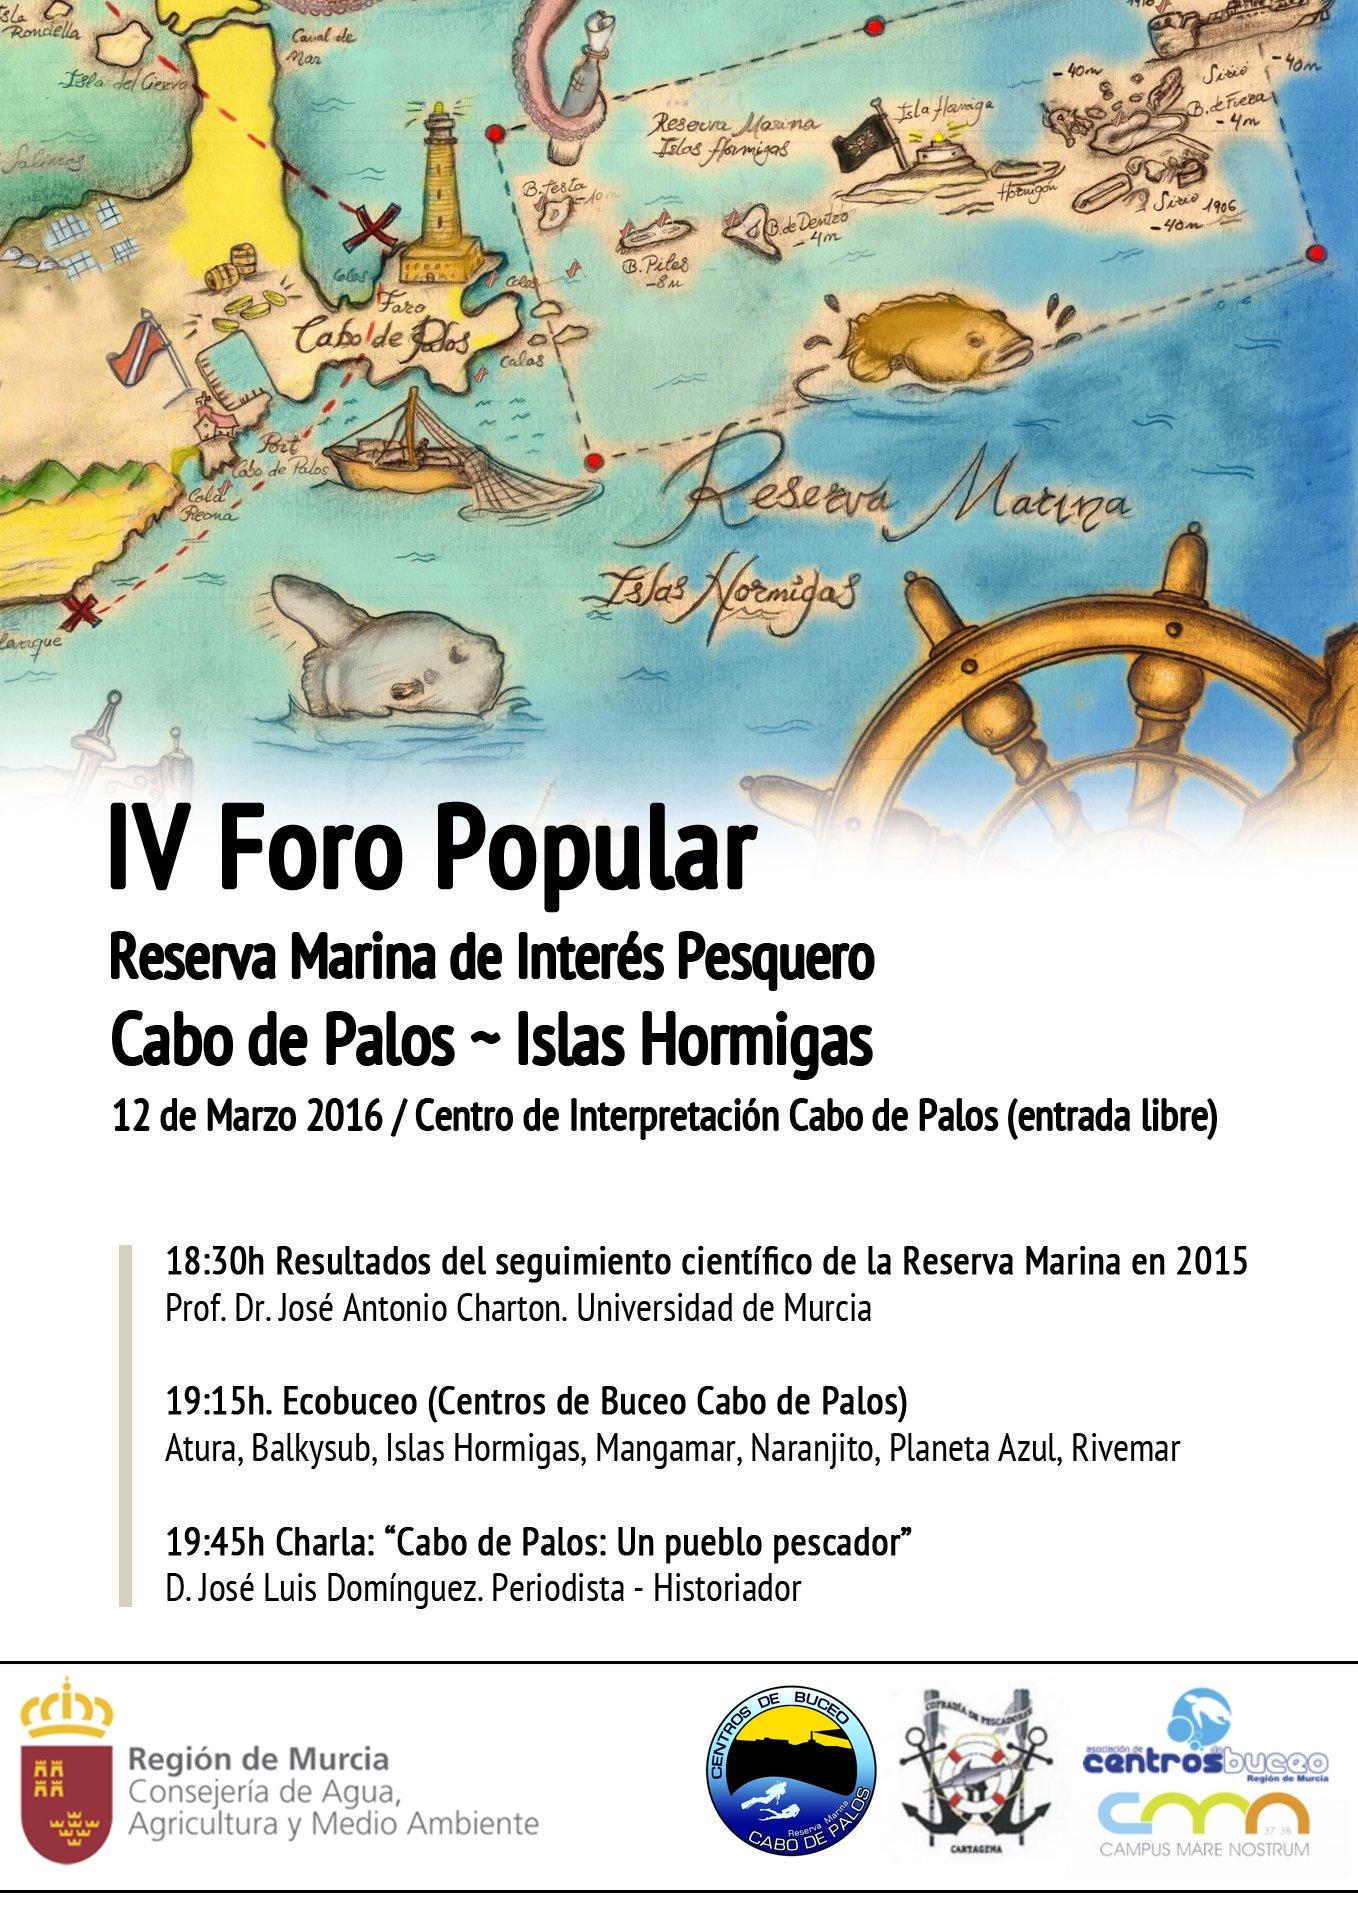 IV Foro Popular Reserva Marina de Interés Pesquero Cabo de Palos - Islas Hormigas.